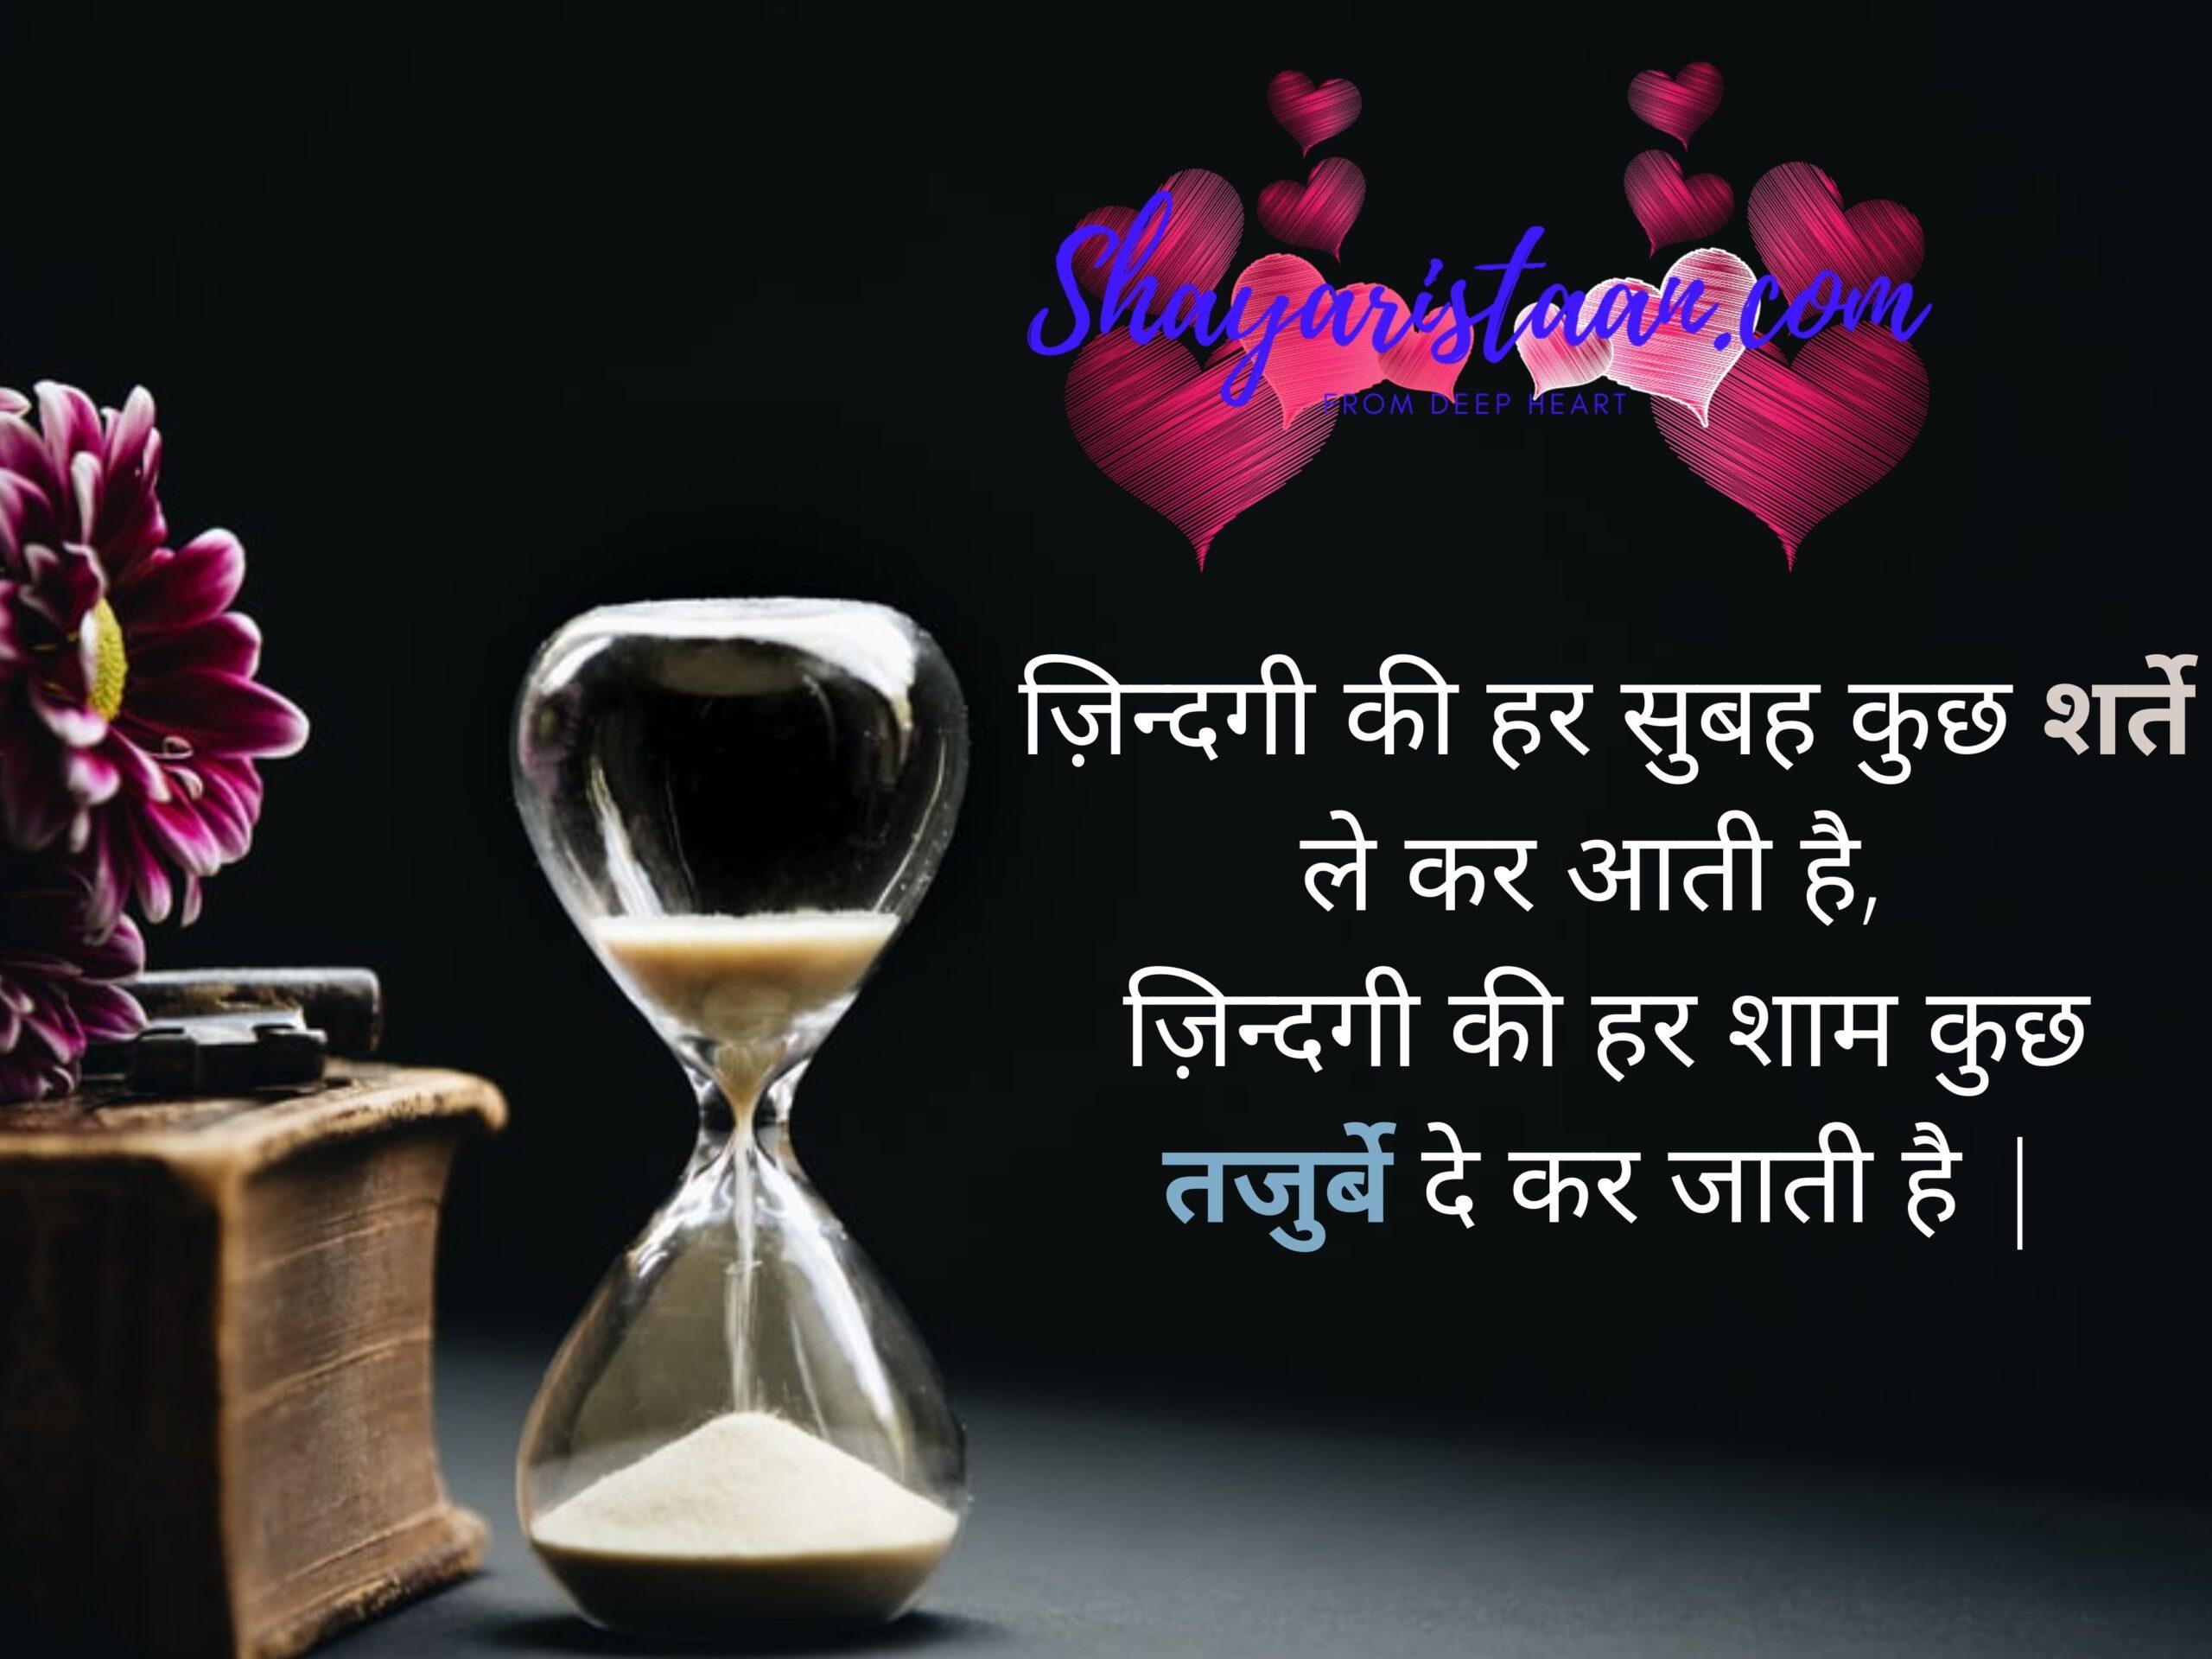 best shayari on life   ज़िन्दगी की हर सुबह कुछ शर्ते ले कर आती है, ज़िन्दगी की हर शाम कुछ तजुर्बे दे कर जाती है  